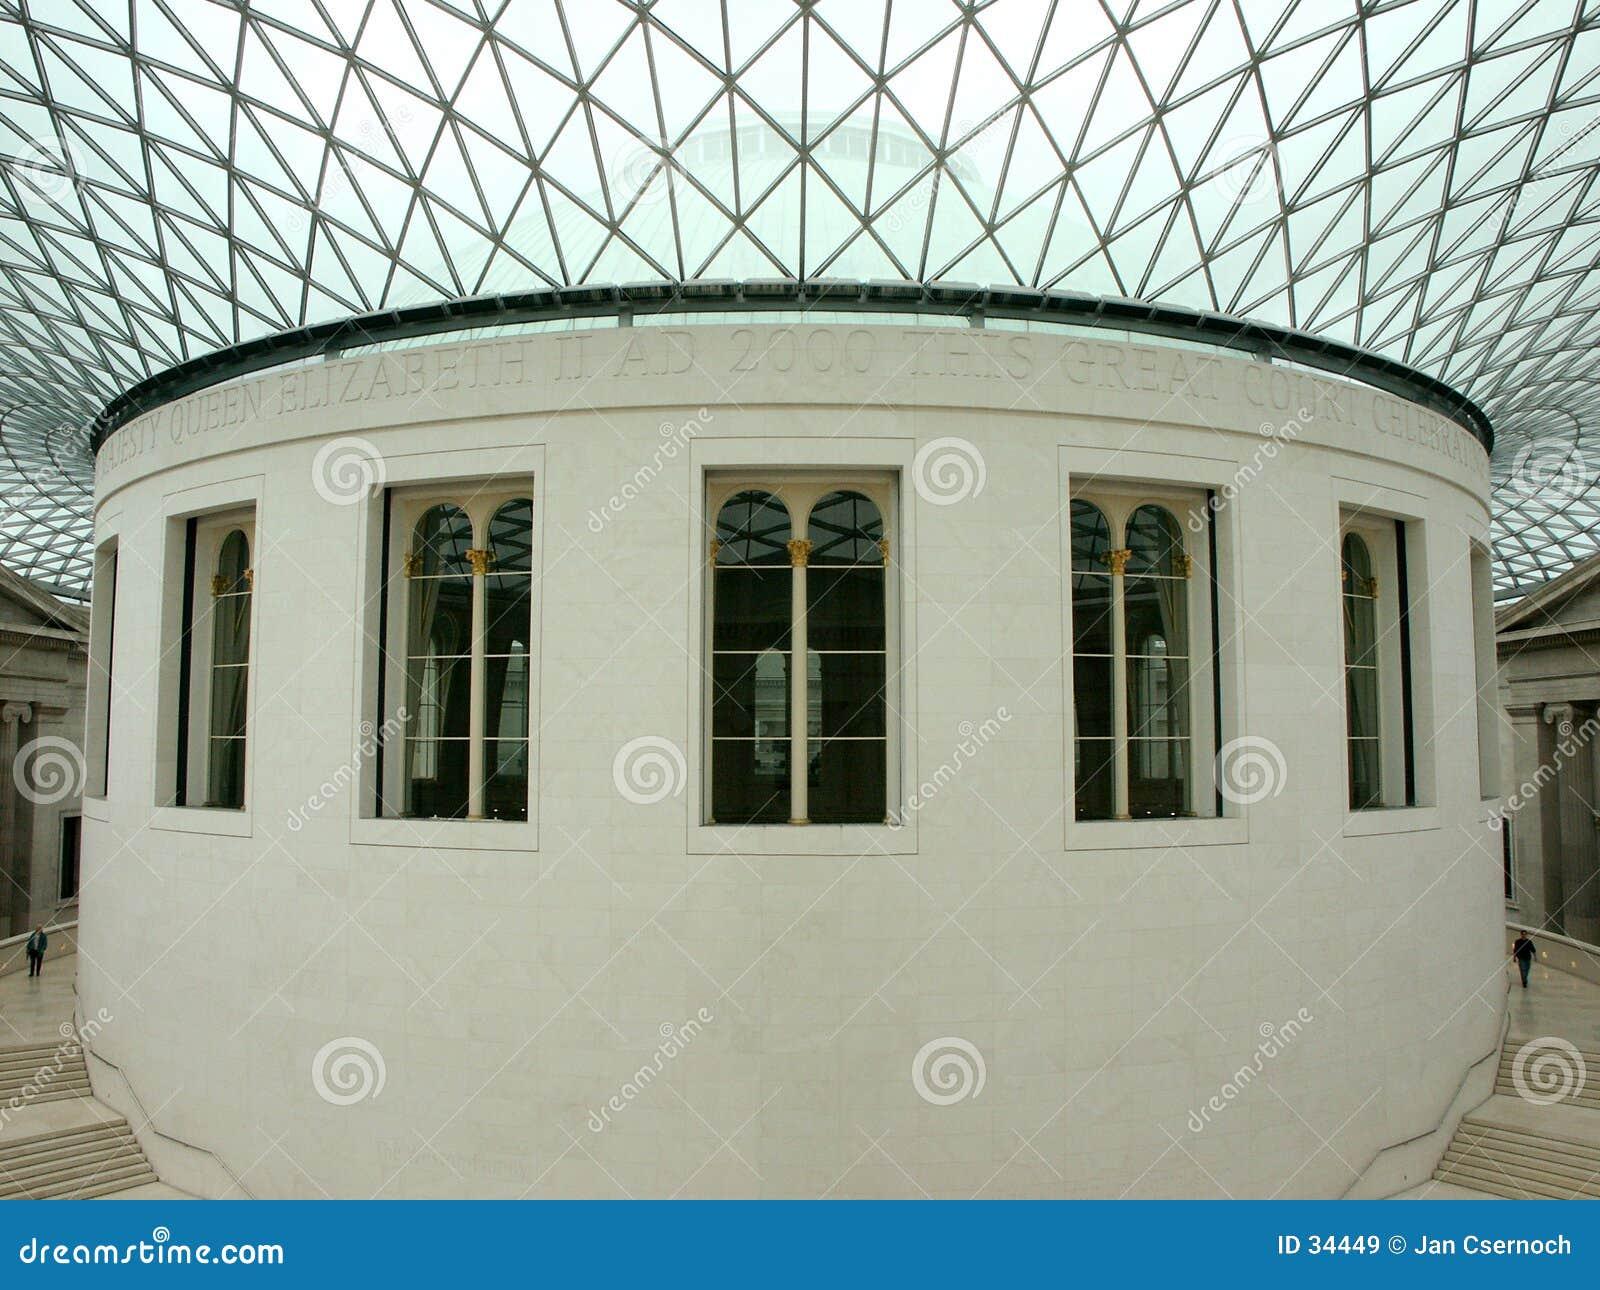 Interior of the British Museum